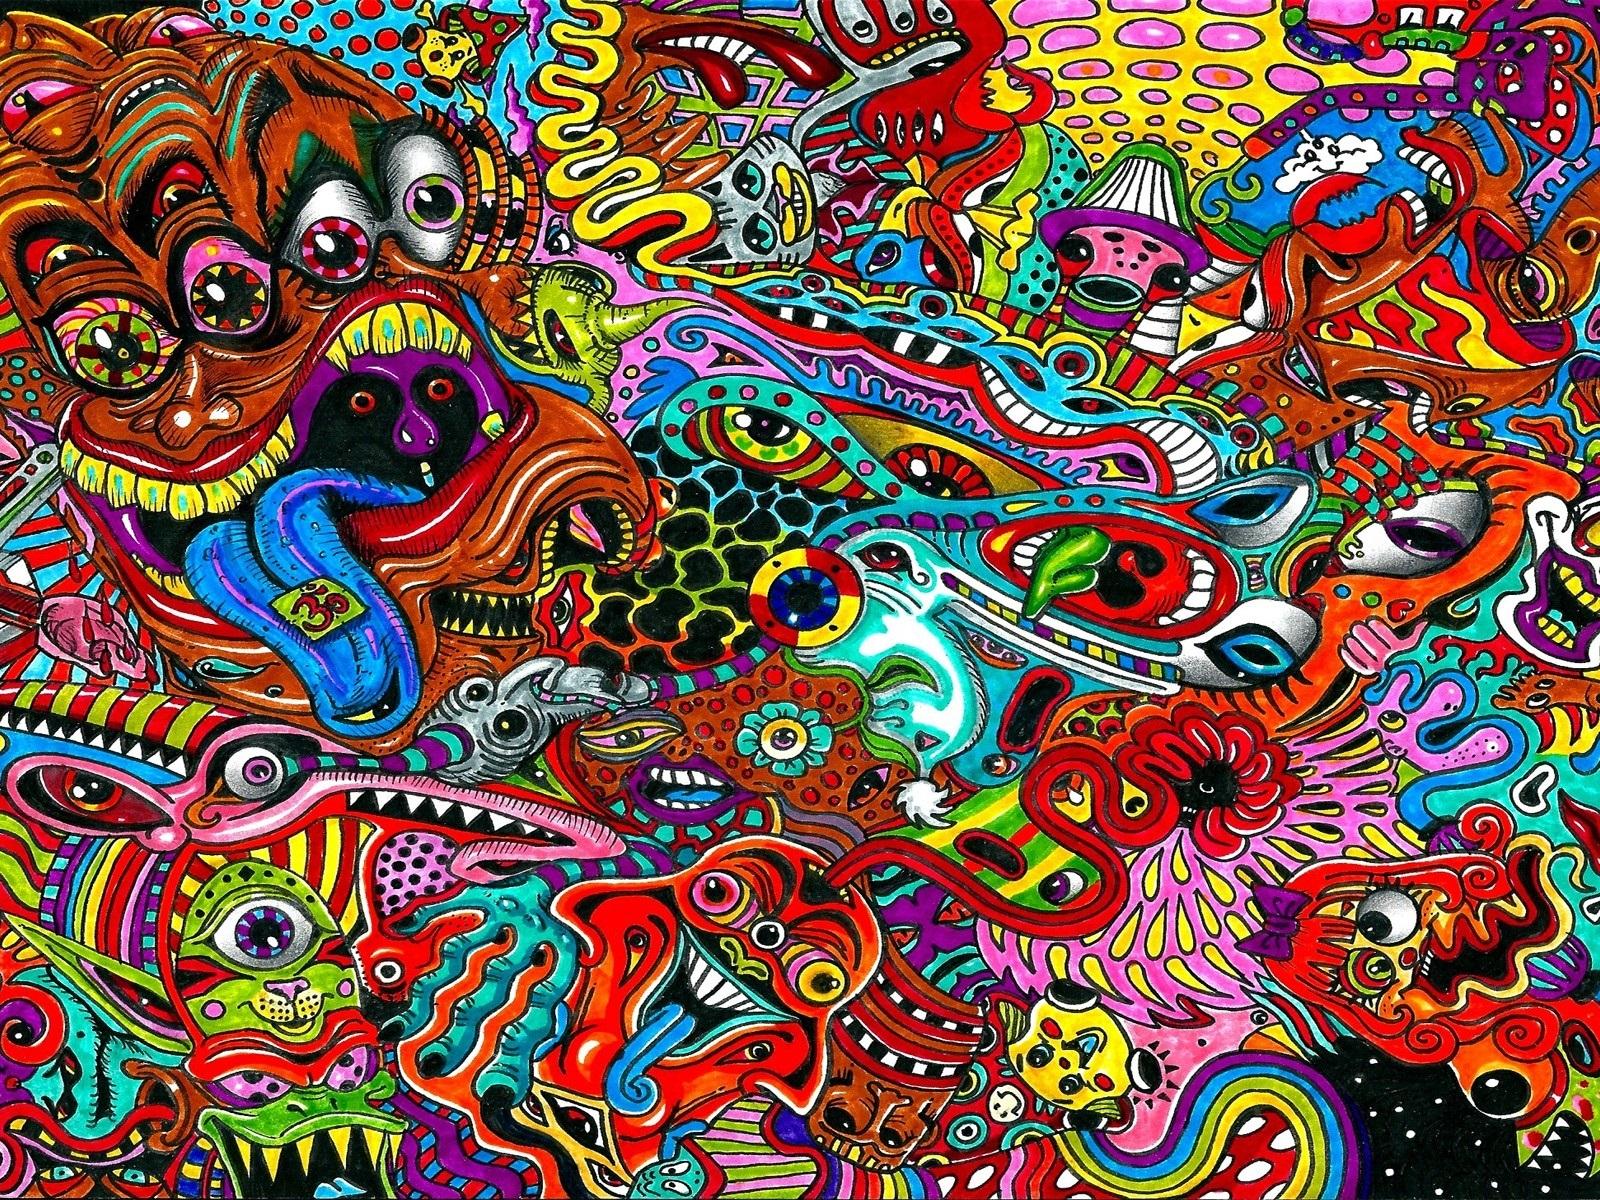 Красивые психоделические картинки